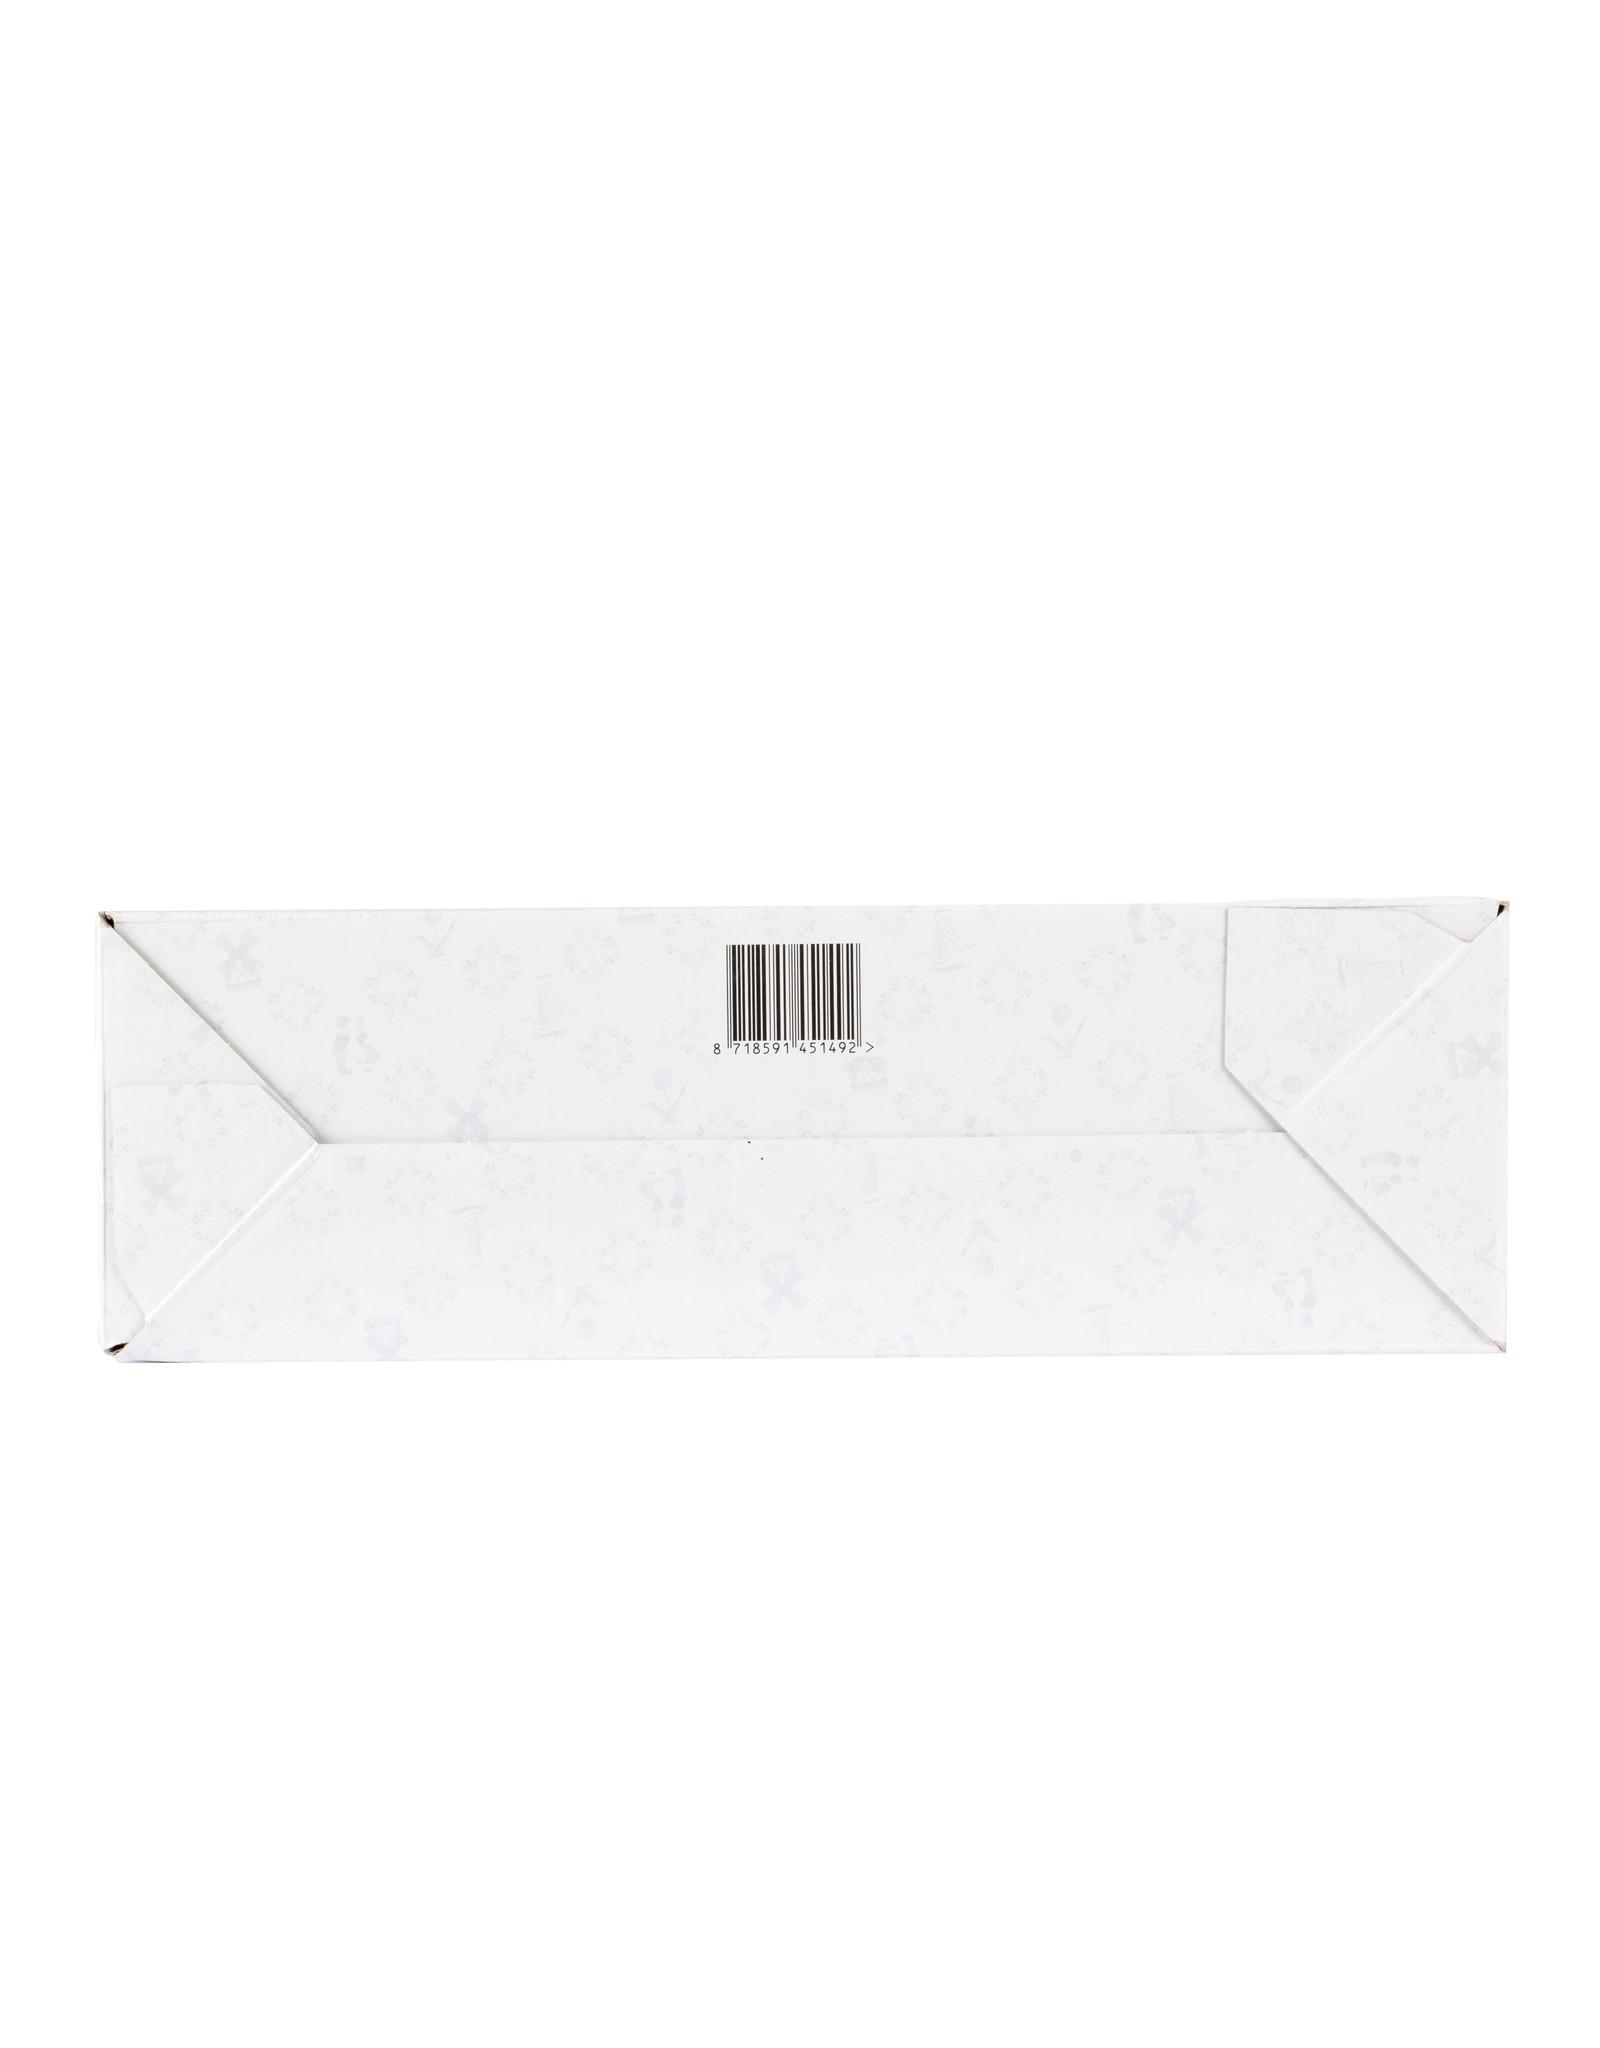 Max & Alex Max & Alex Sirop Gaufres en deluxe coffret cadeau (2x hexa + 1x conserve) 6x - carton principal